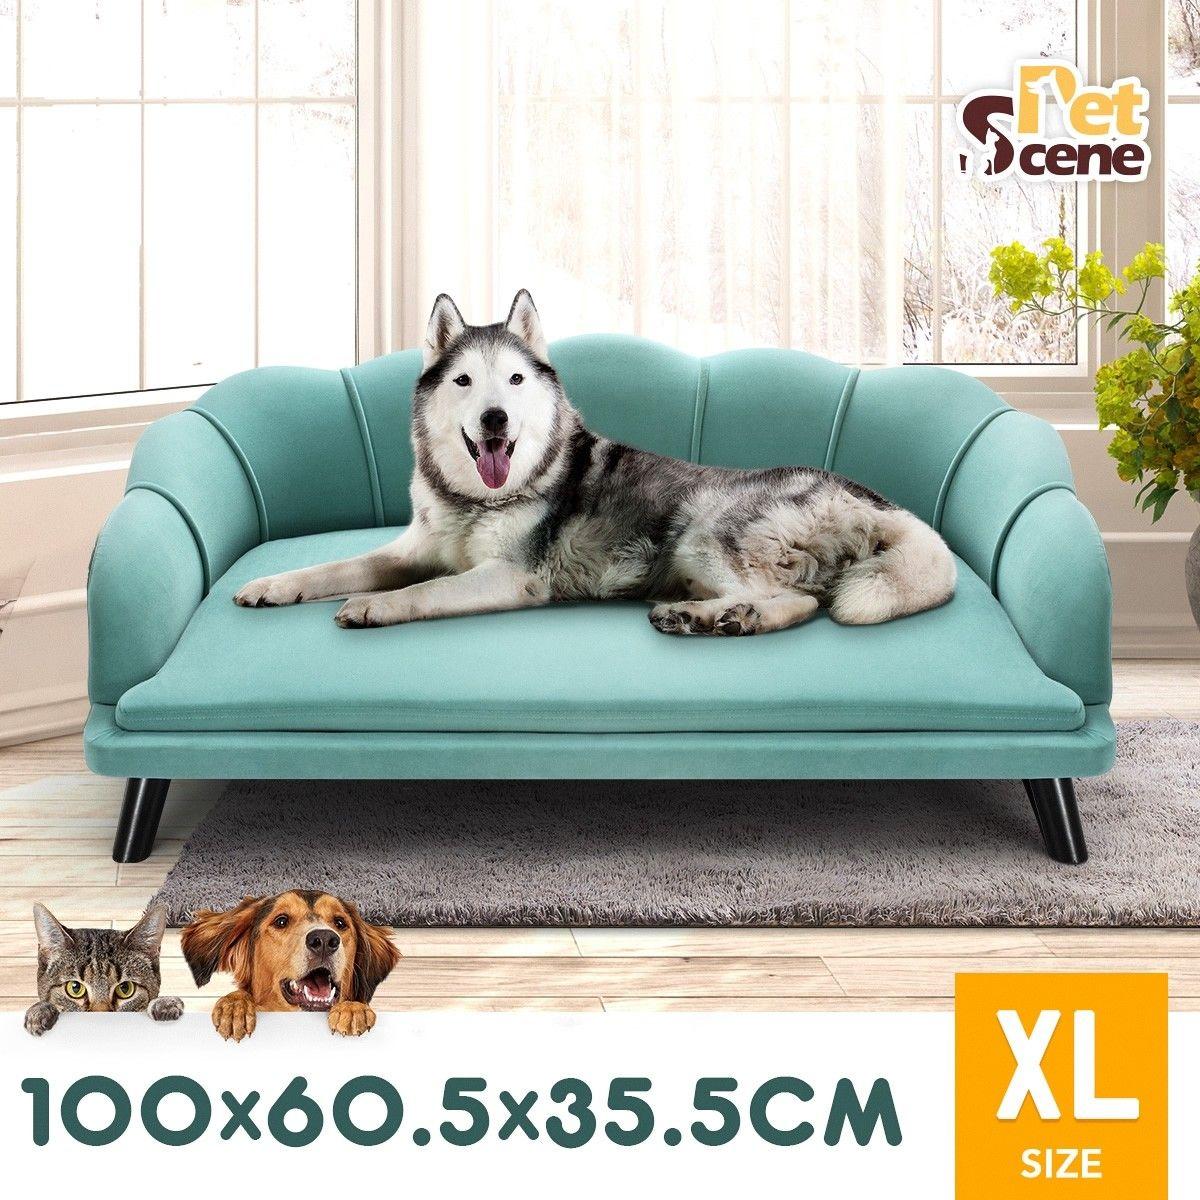 Petscene New Extra Large Raised Dog Bed Cushioned Sofa Pet Bed Dog Bed Cushion Pet Sofa Bed Plush Pet Bed